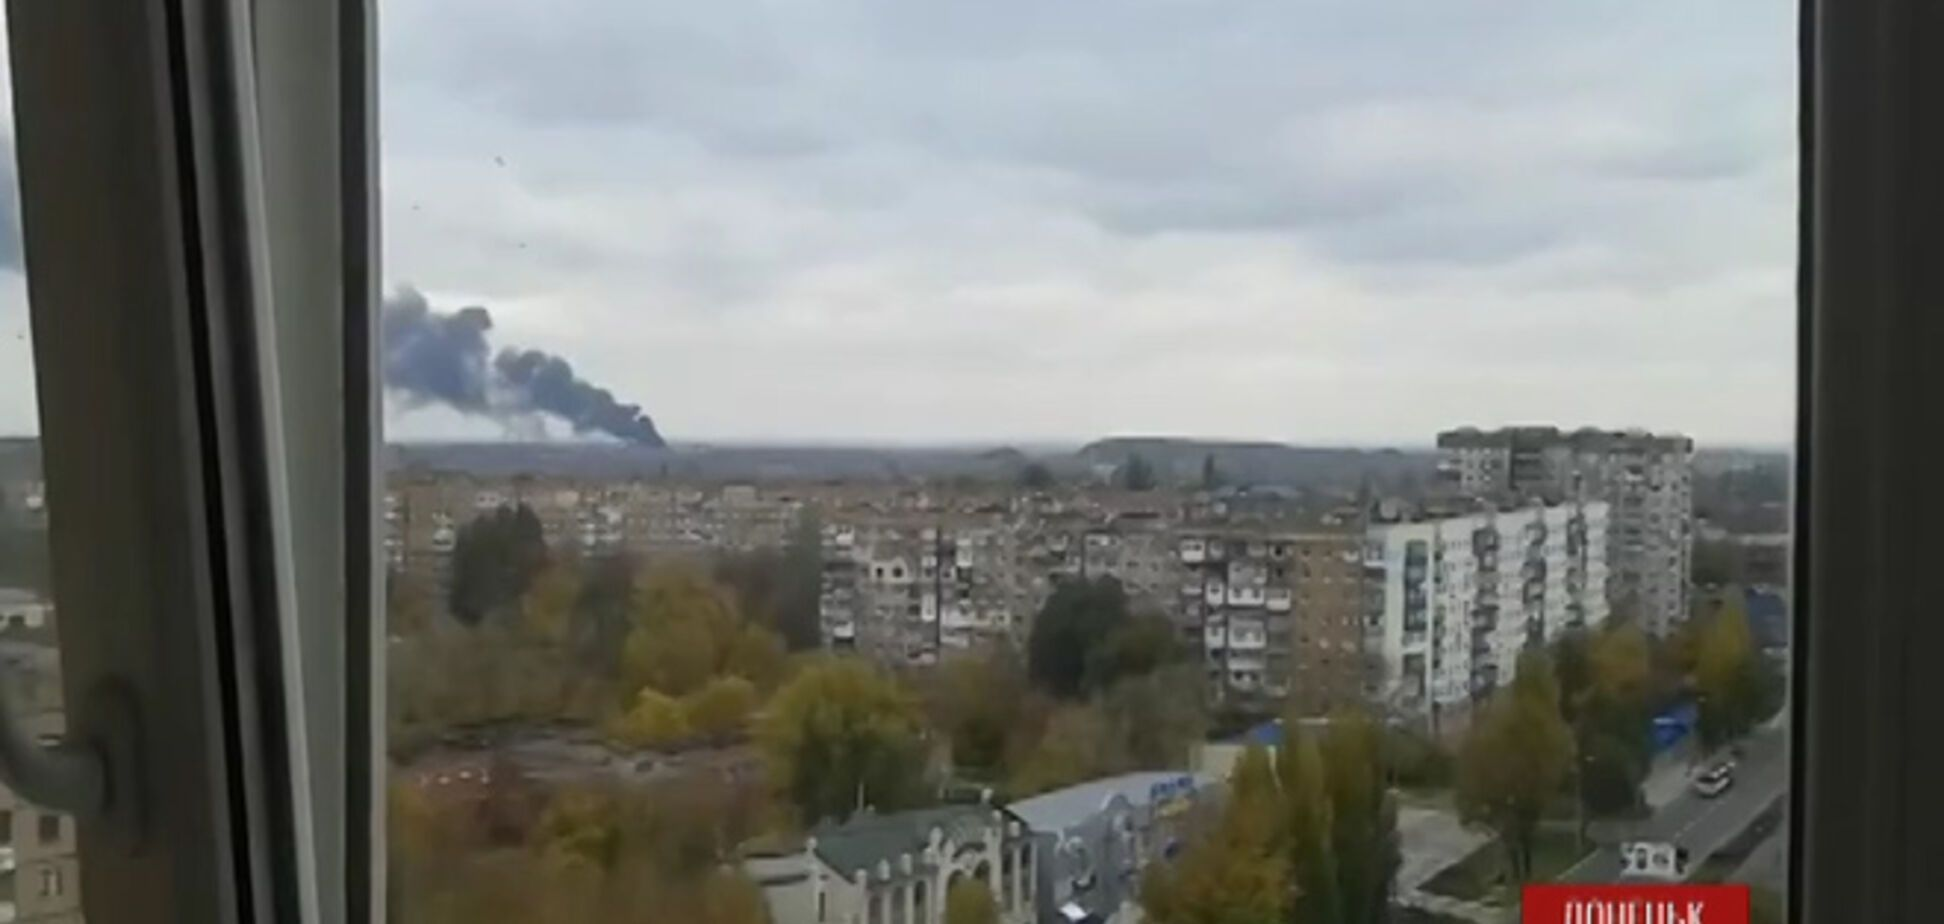 Появились видео мощных взрывов в Донецке: весь город затянуло дымом